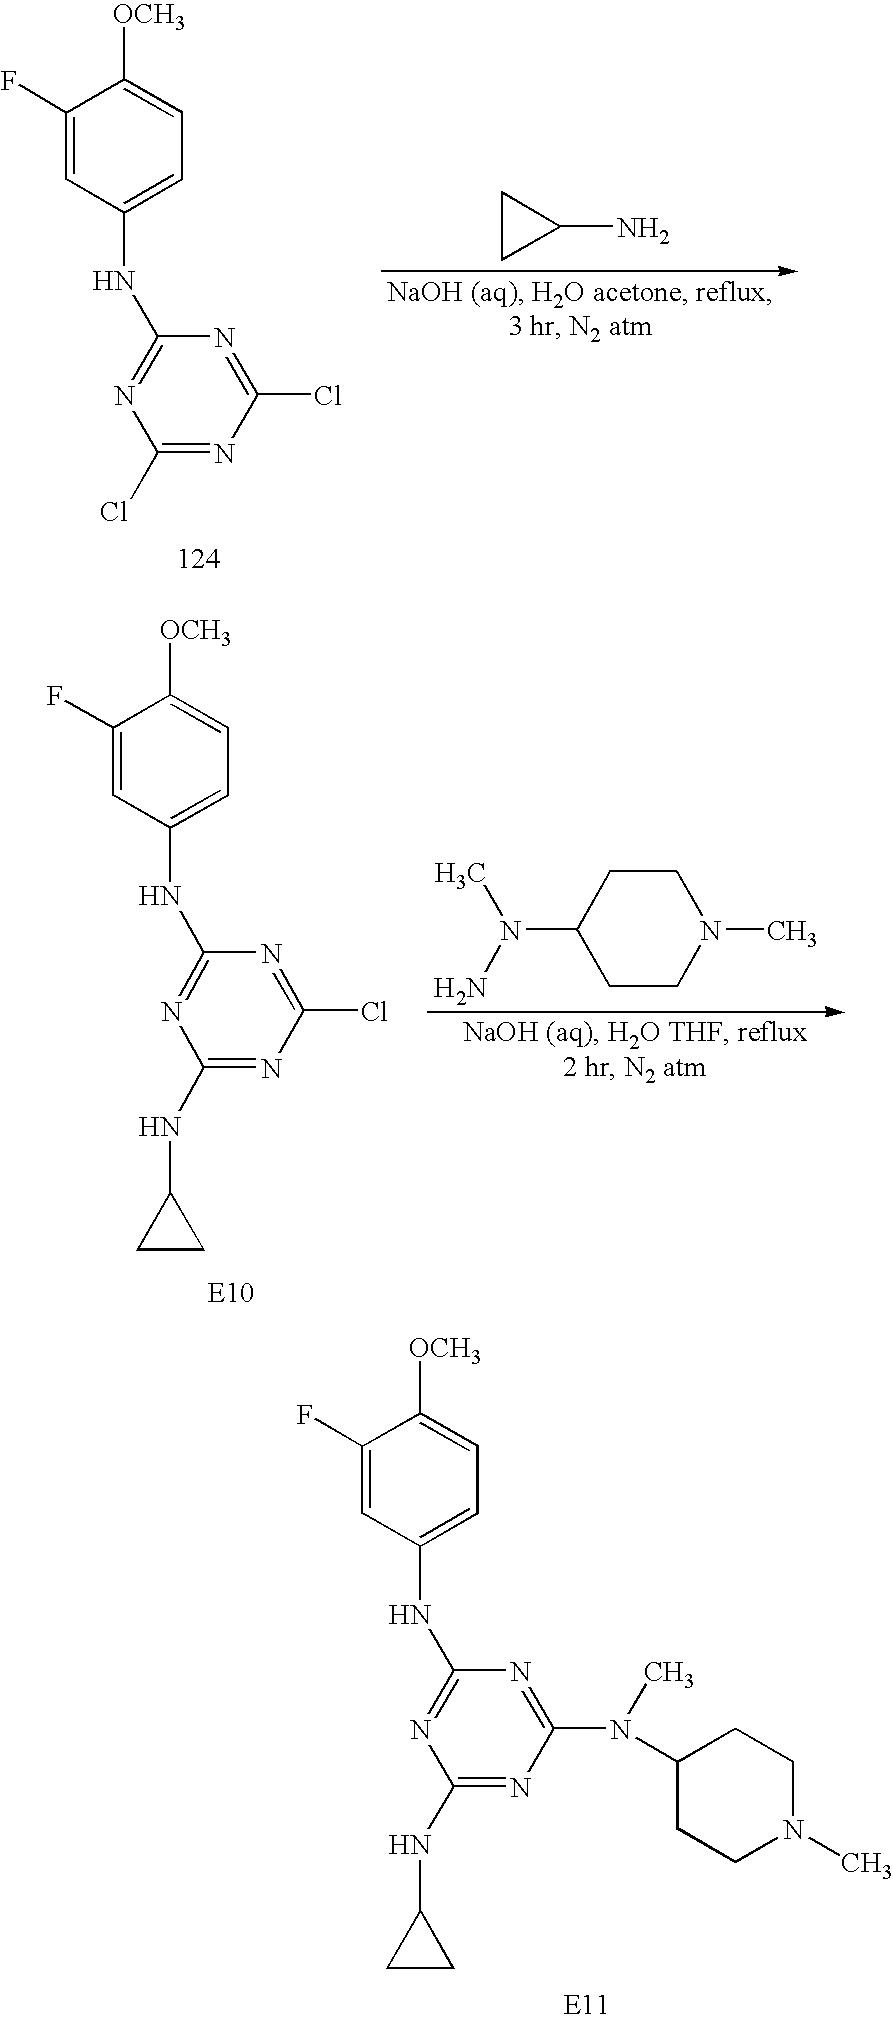 Figure US20050113341A1-20050526-C00205